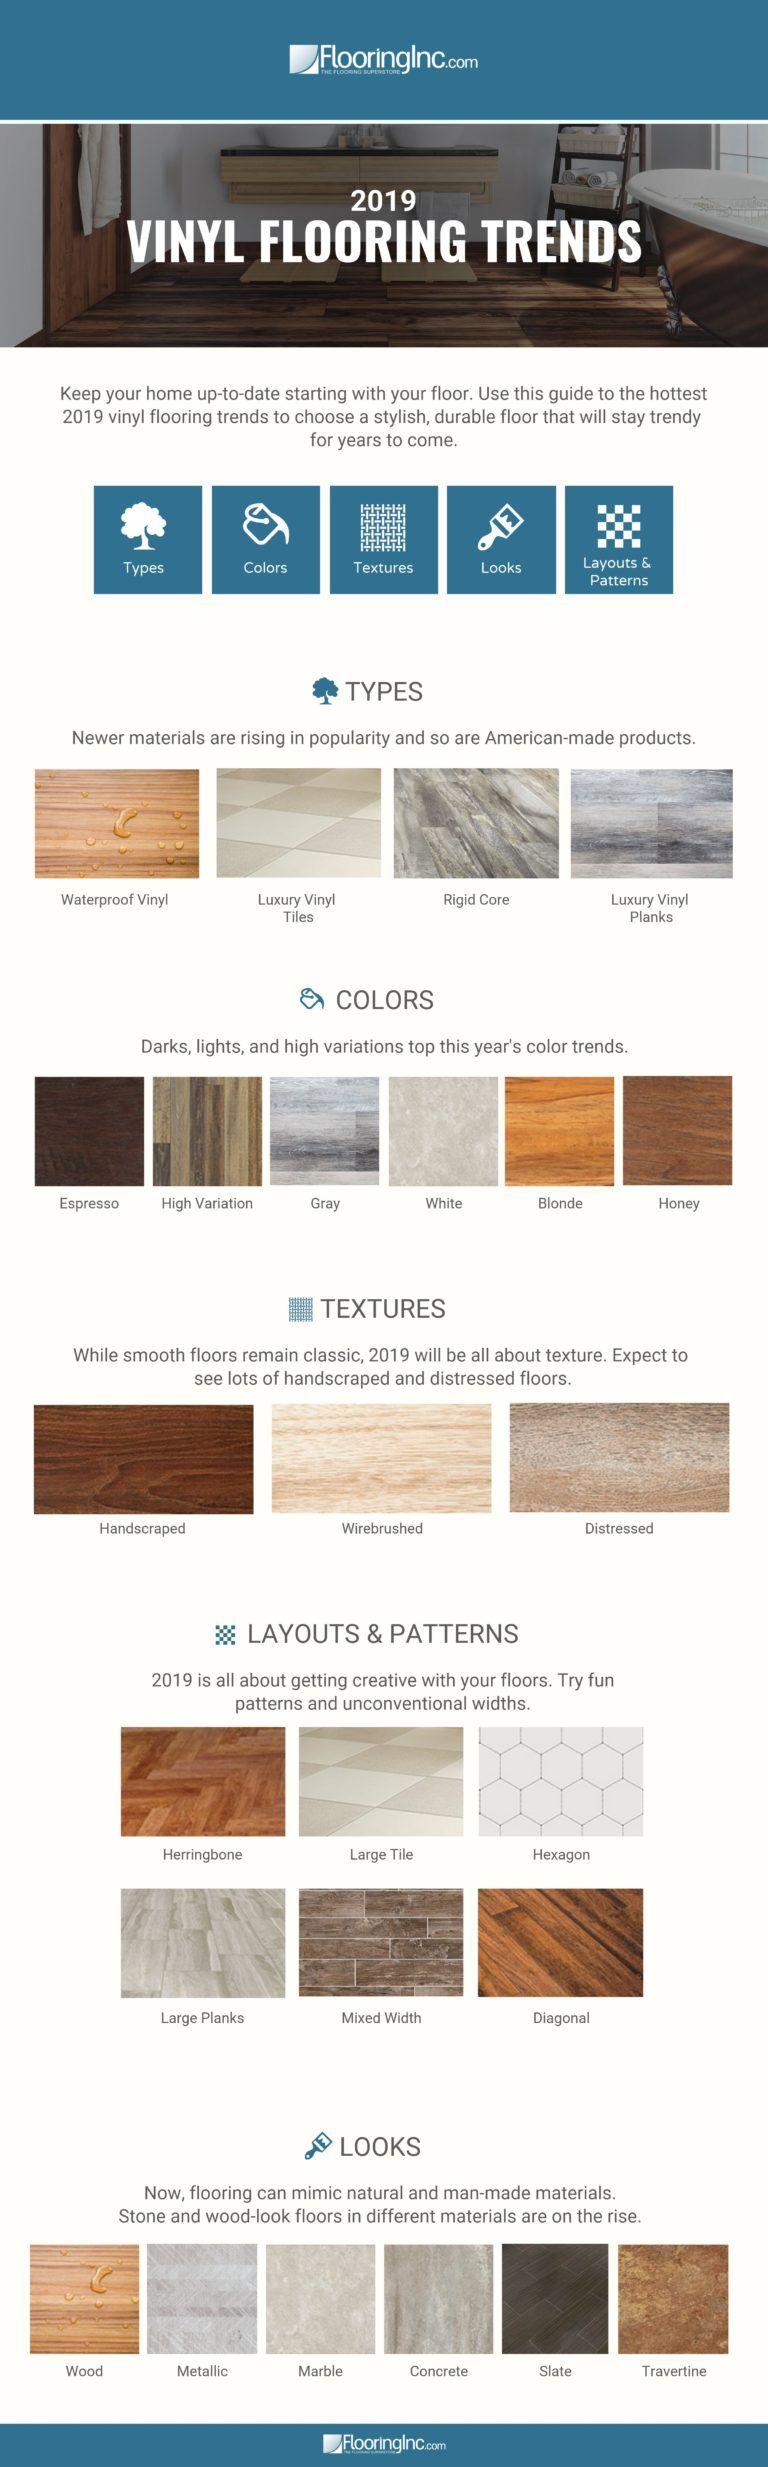 2020 Vinyl Flooring Trends 20+ Hot Vinyl Flooring Ideas